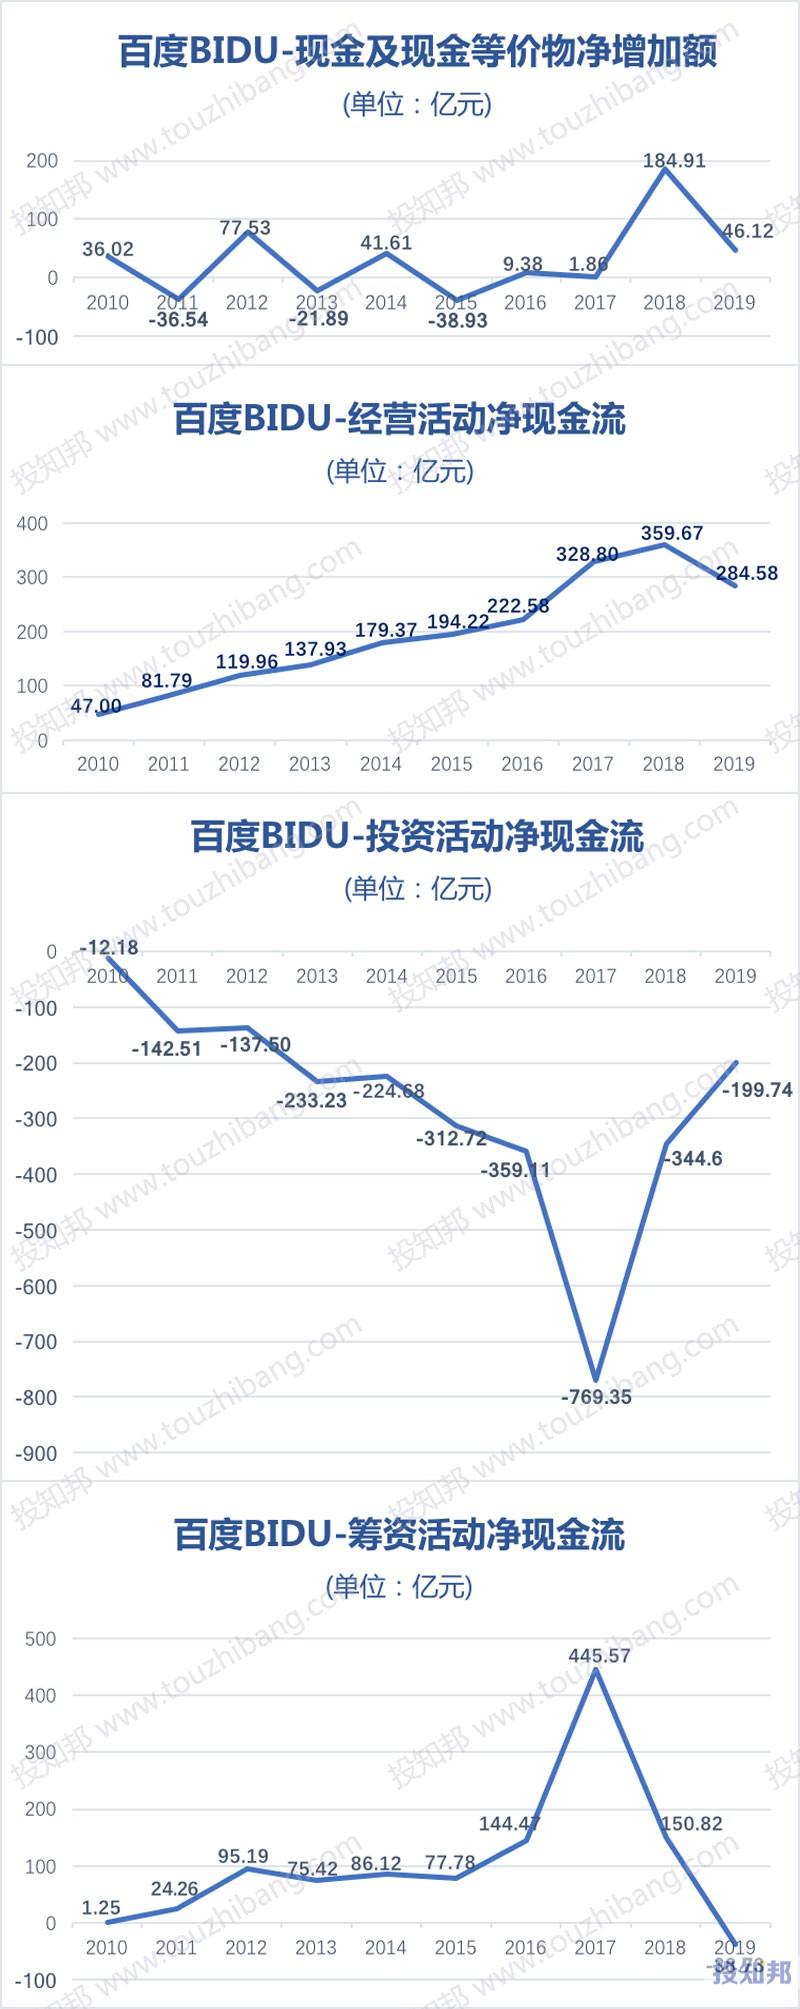 图解百度(BIDU)财报数据(2010~2019年,更新)